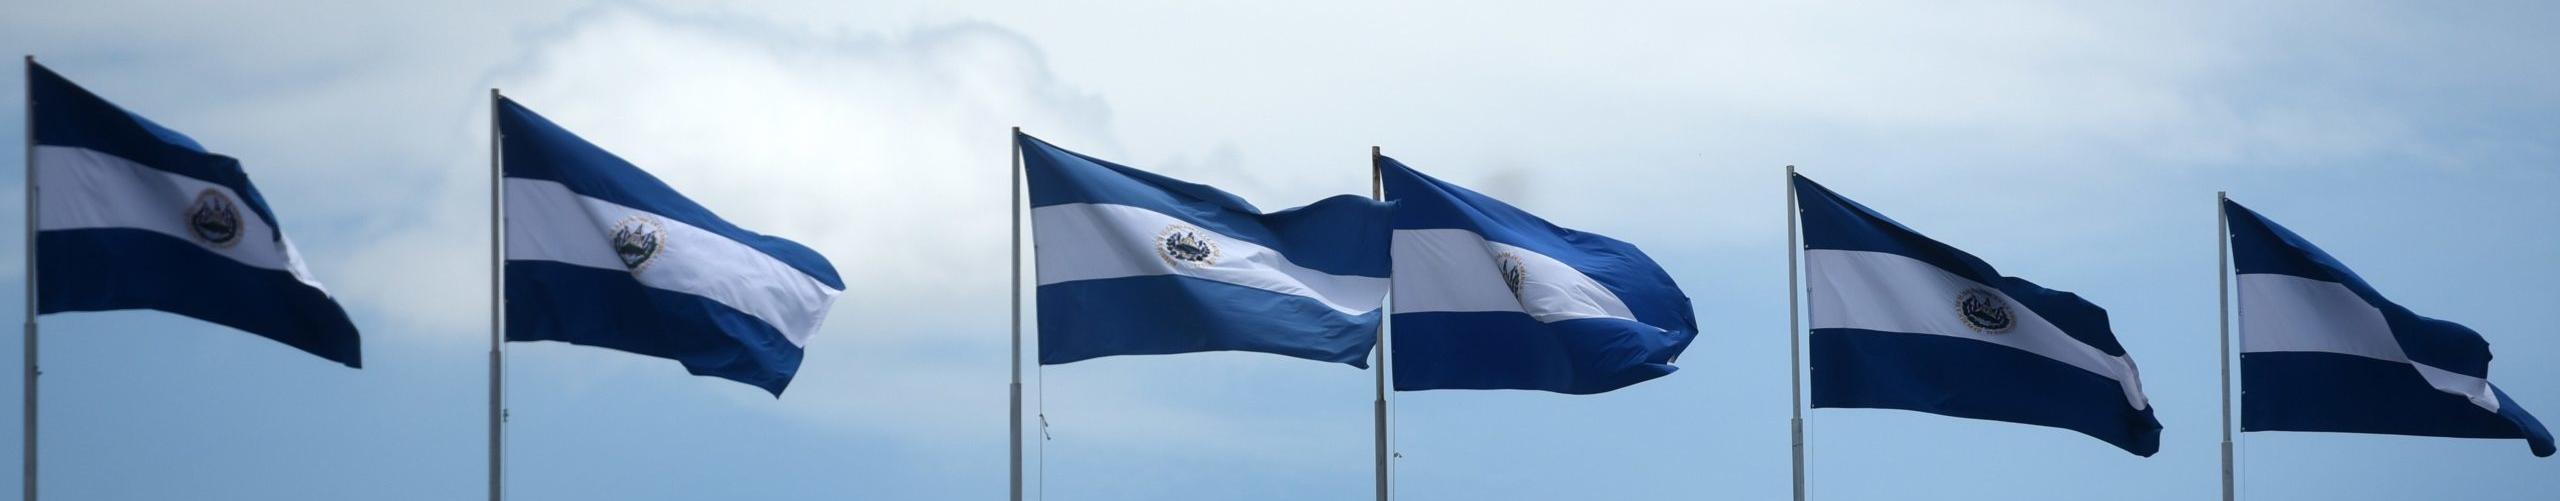 Campionato del Nicaragua: numeri, curiosità e come funziona la Primera División